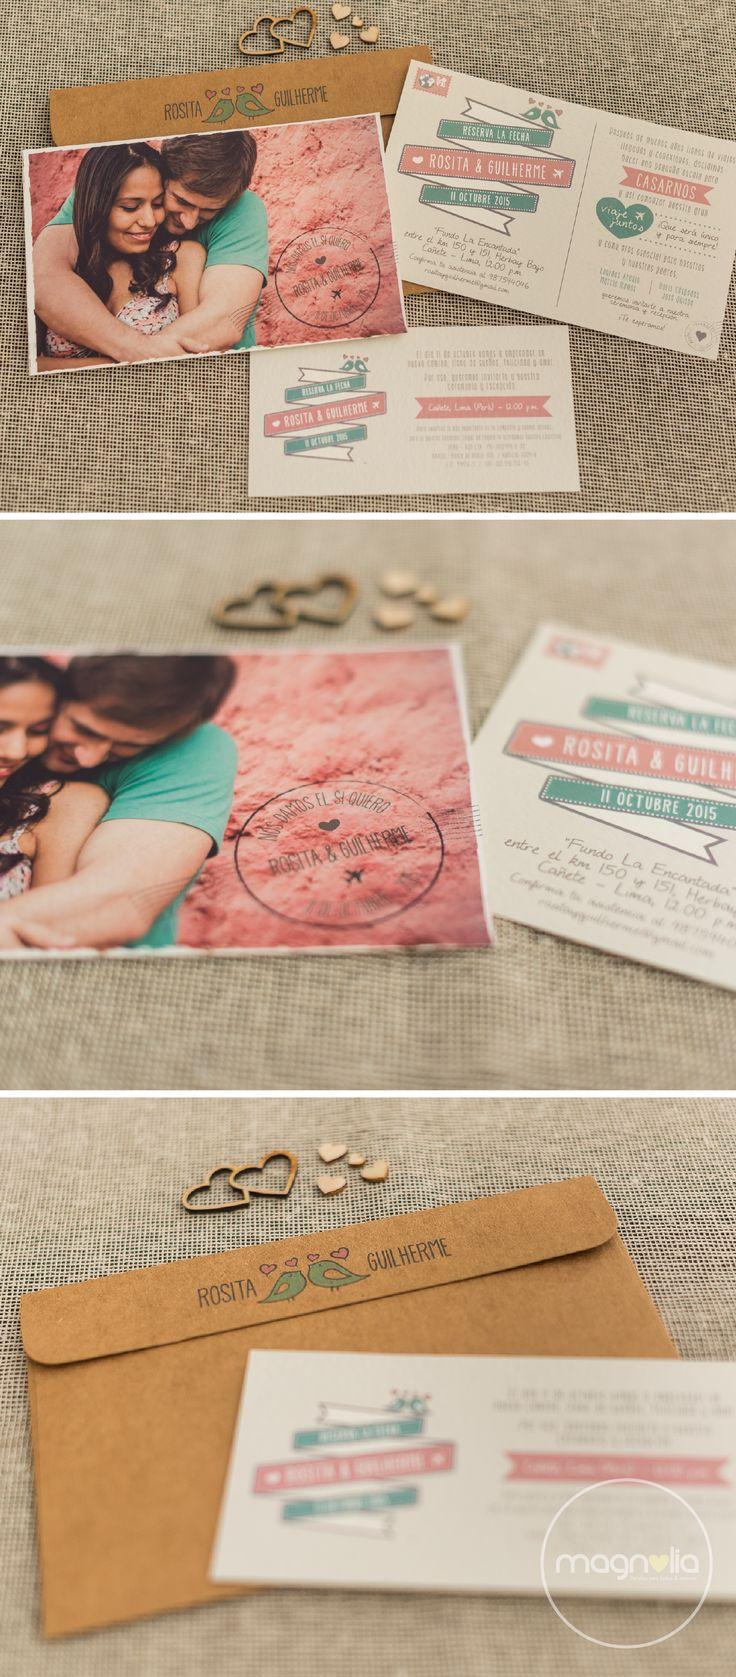 Invitaciones creativas para bodas   #invitaciones #bodas #creativas #fotos #originales